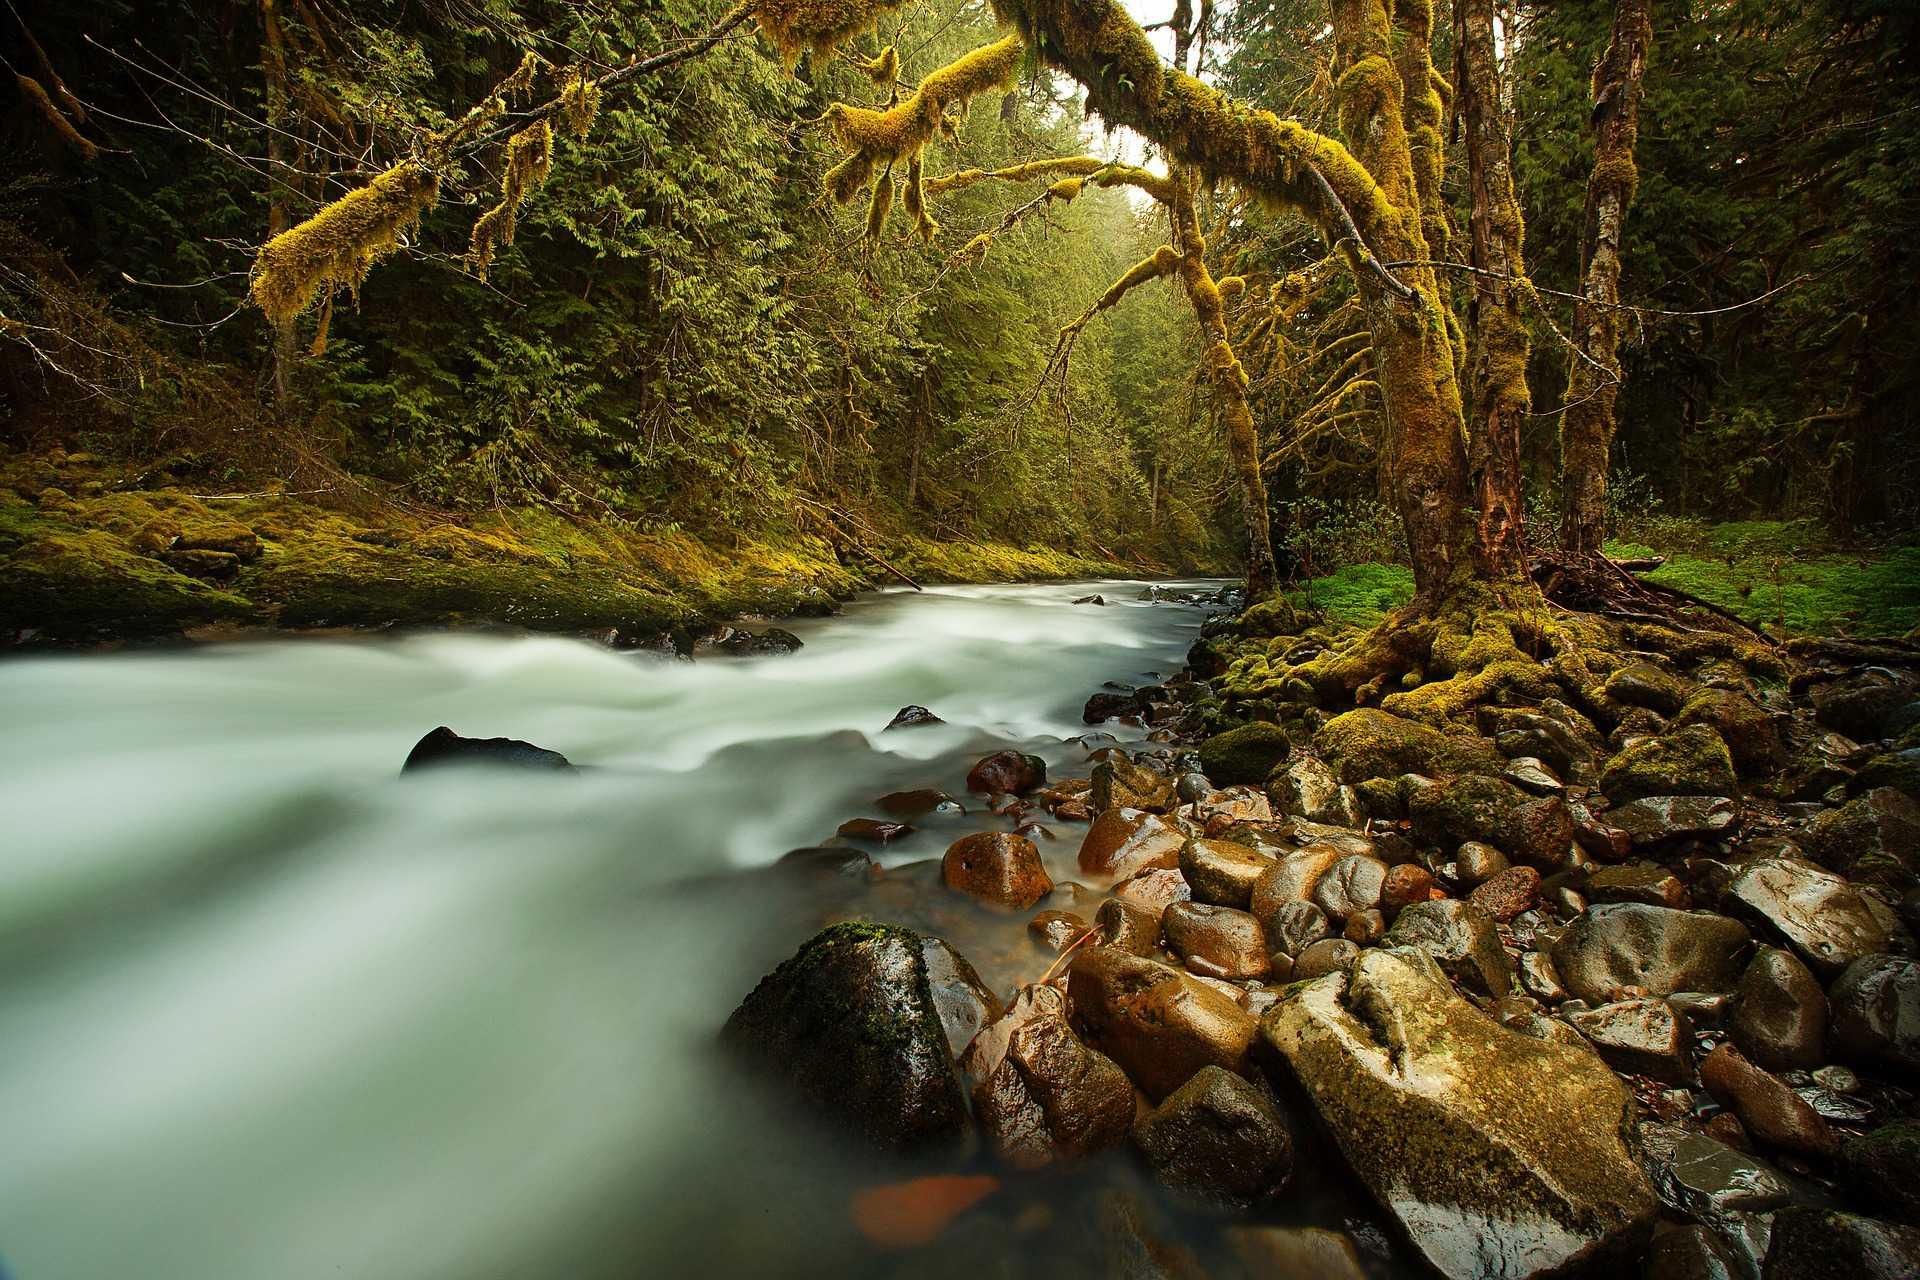 מכללת כרכור   להיות נהר, טל פנר משתף בחוויות וכוח הריפוי של הטבע